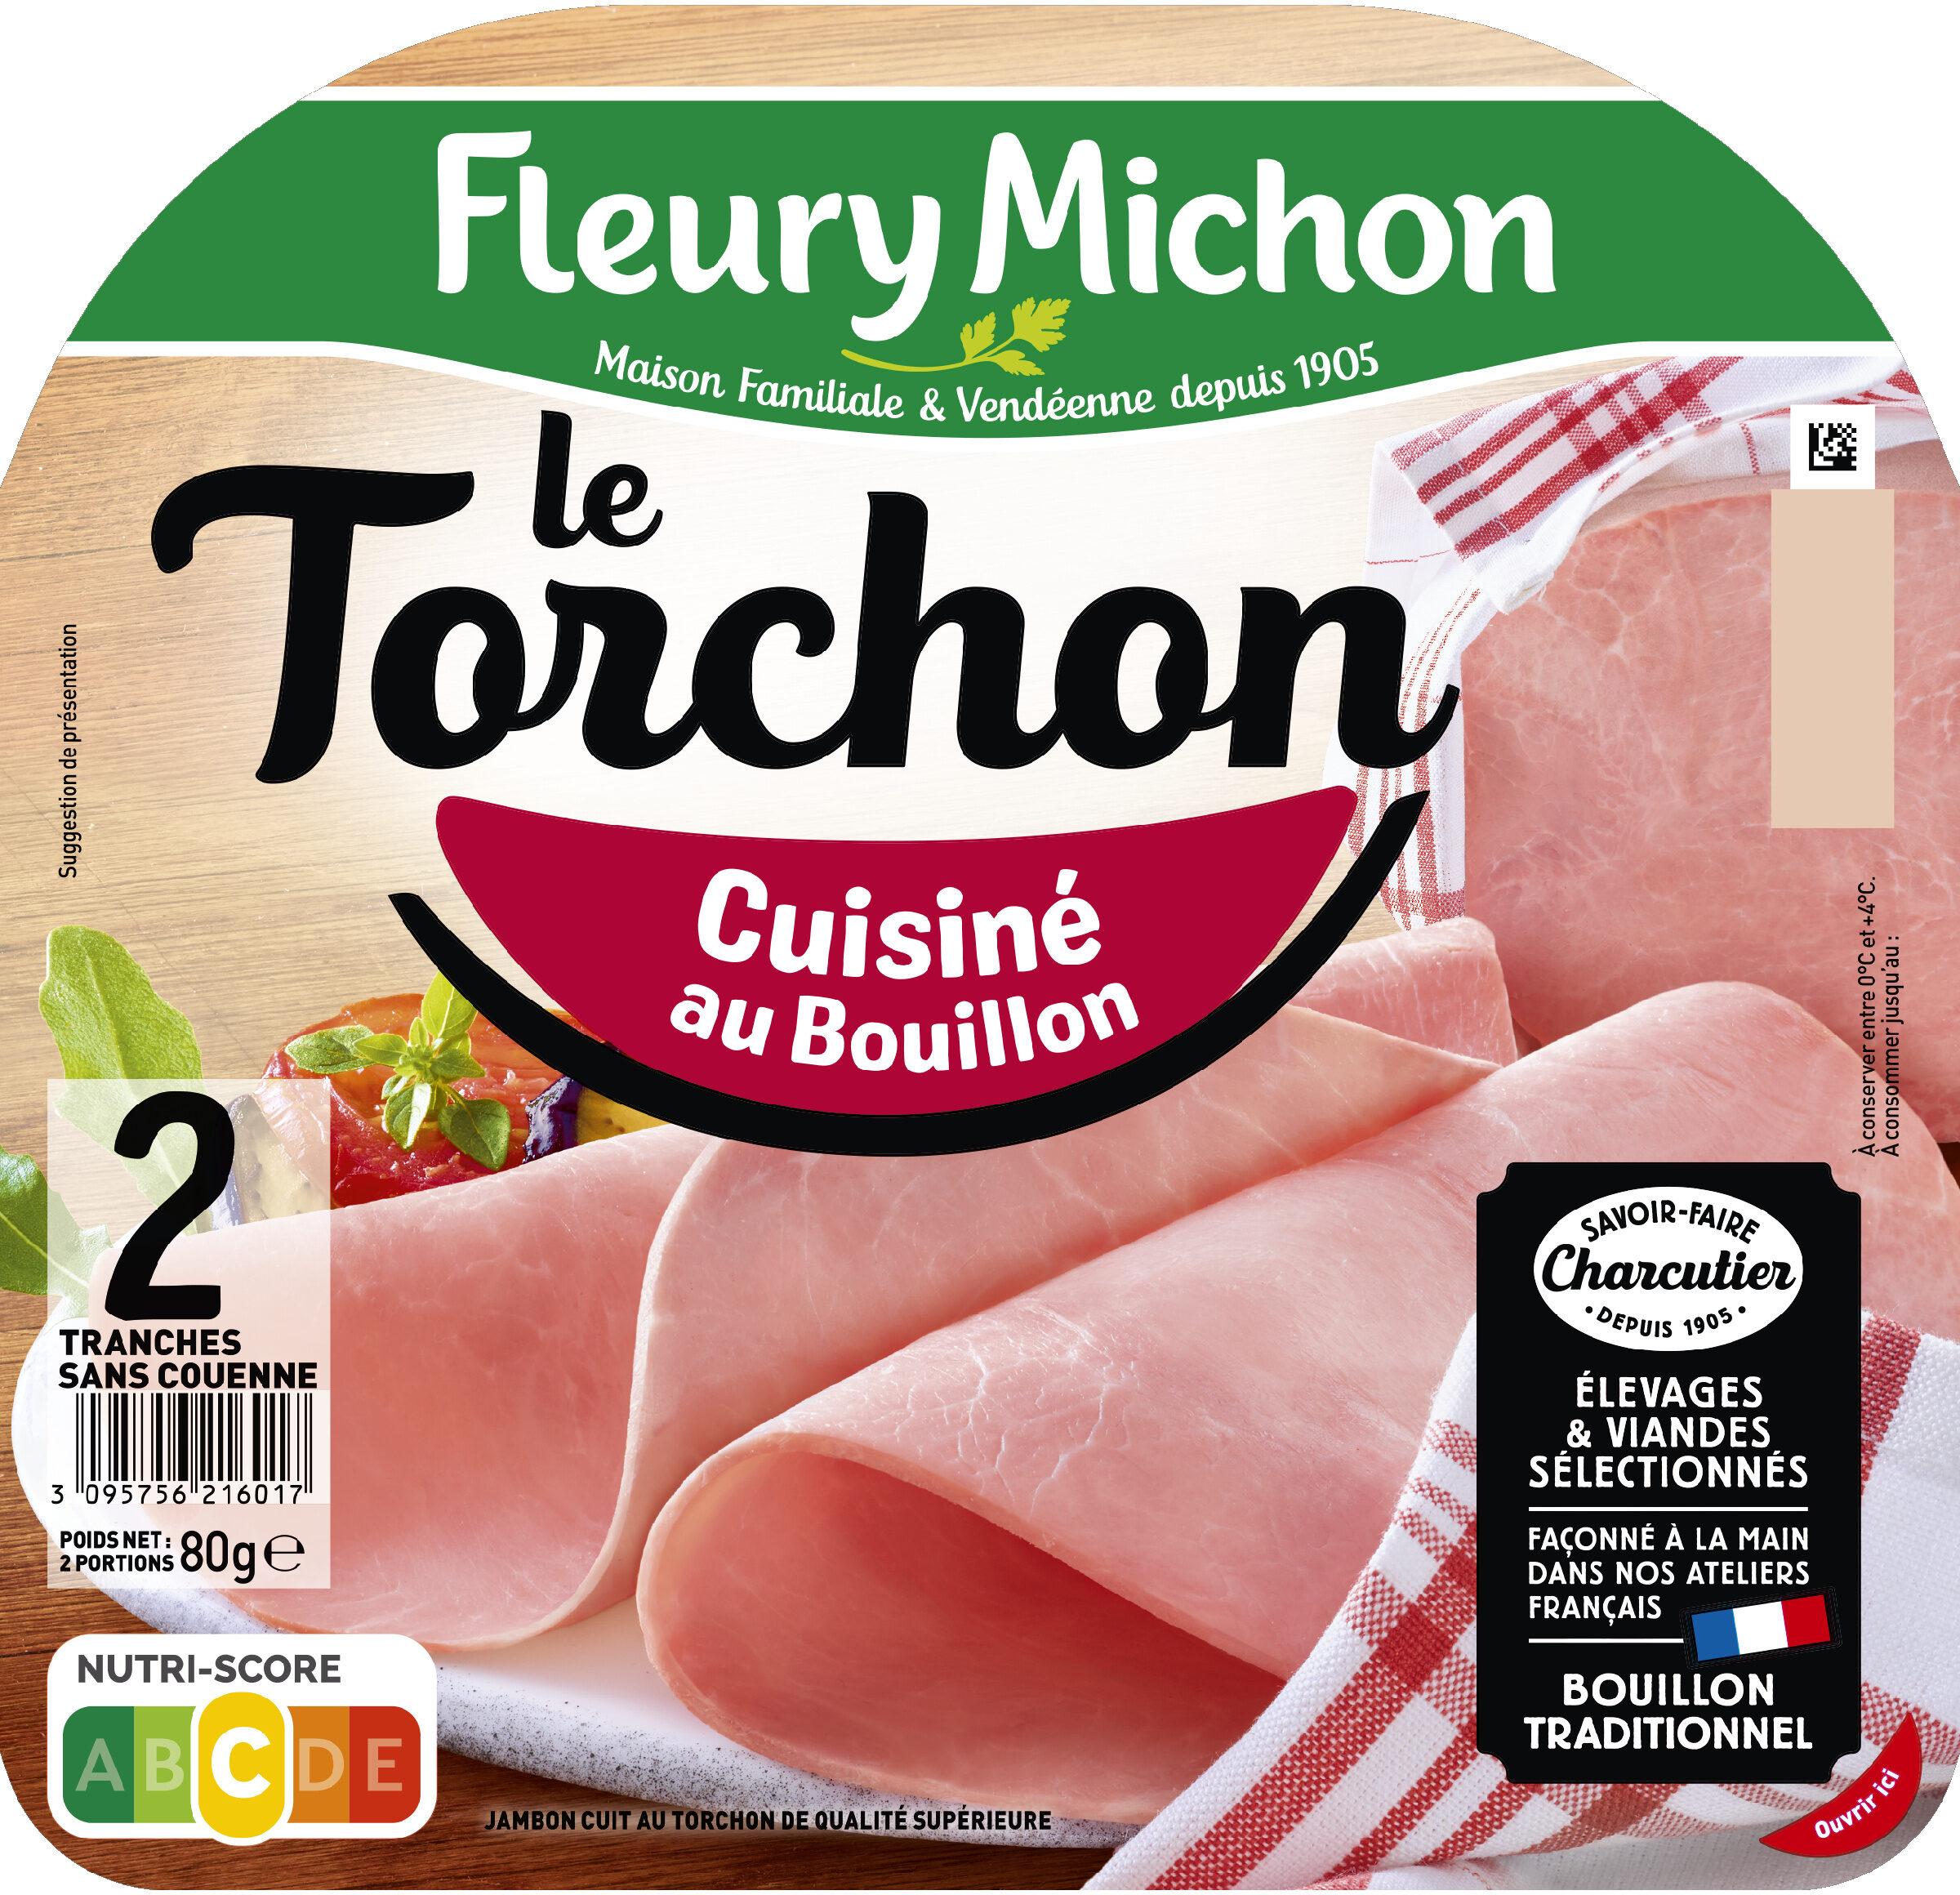 Le Torchon - Cuisiné au Bouillon - Prodotto - fr